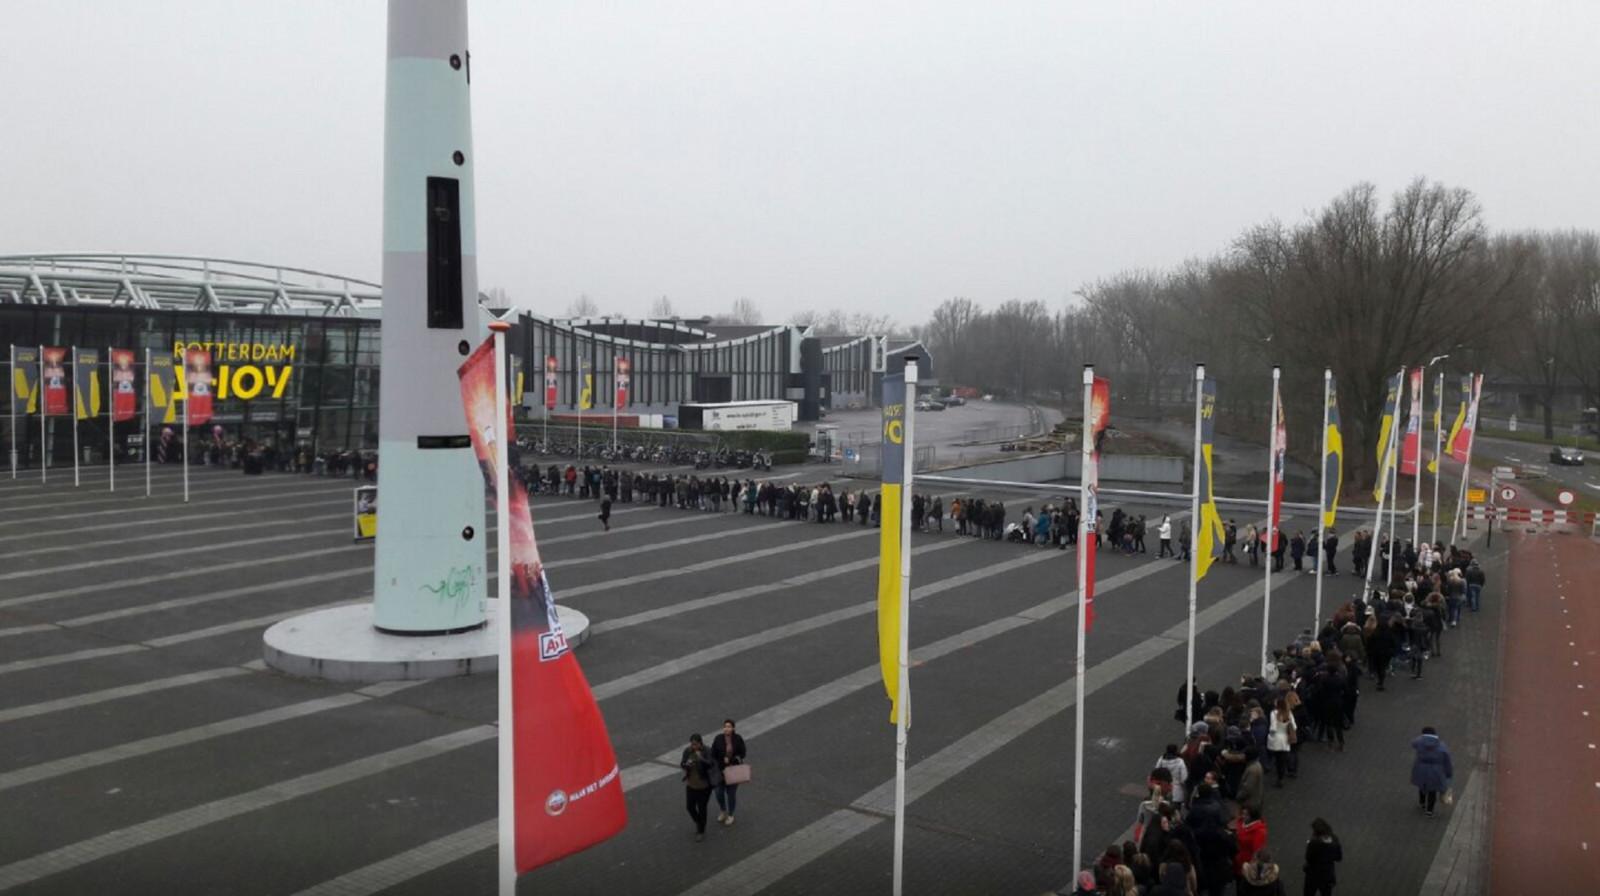 Gigantische Rij Voor Rotterdam Ahoy Voor Spotgoedkope Bh S